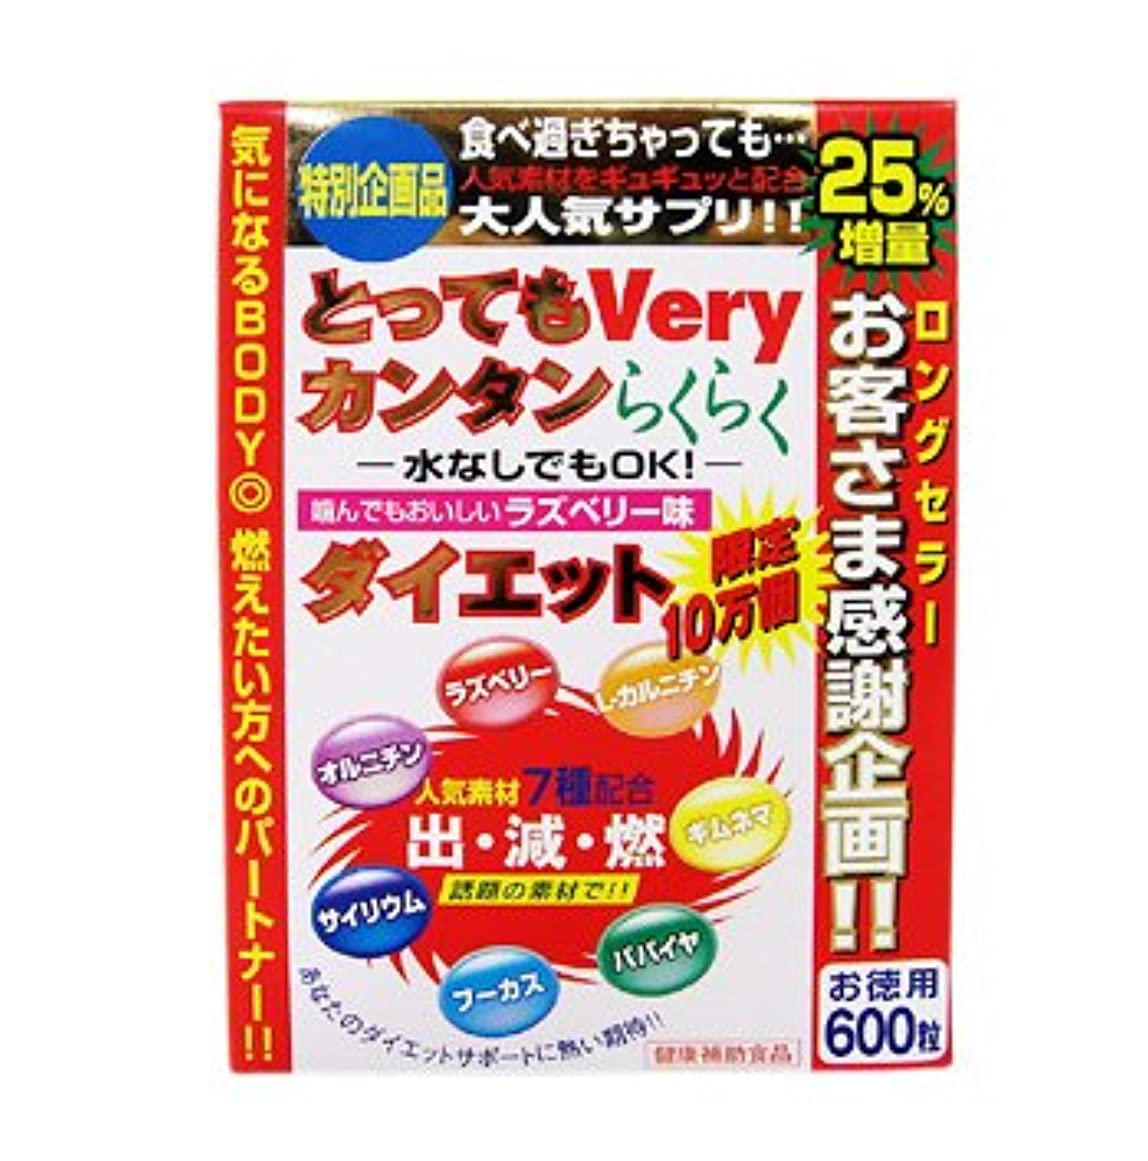 賞カルシウム安全性ジャパンギャルズ とってもVery カンタンらくらくダイエット お徳用 600粒 とってもベリー×10個セット